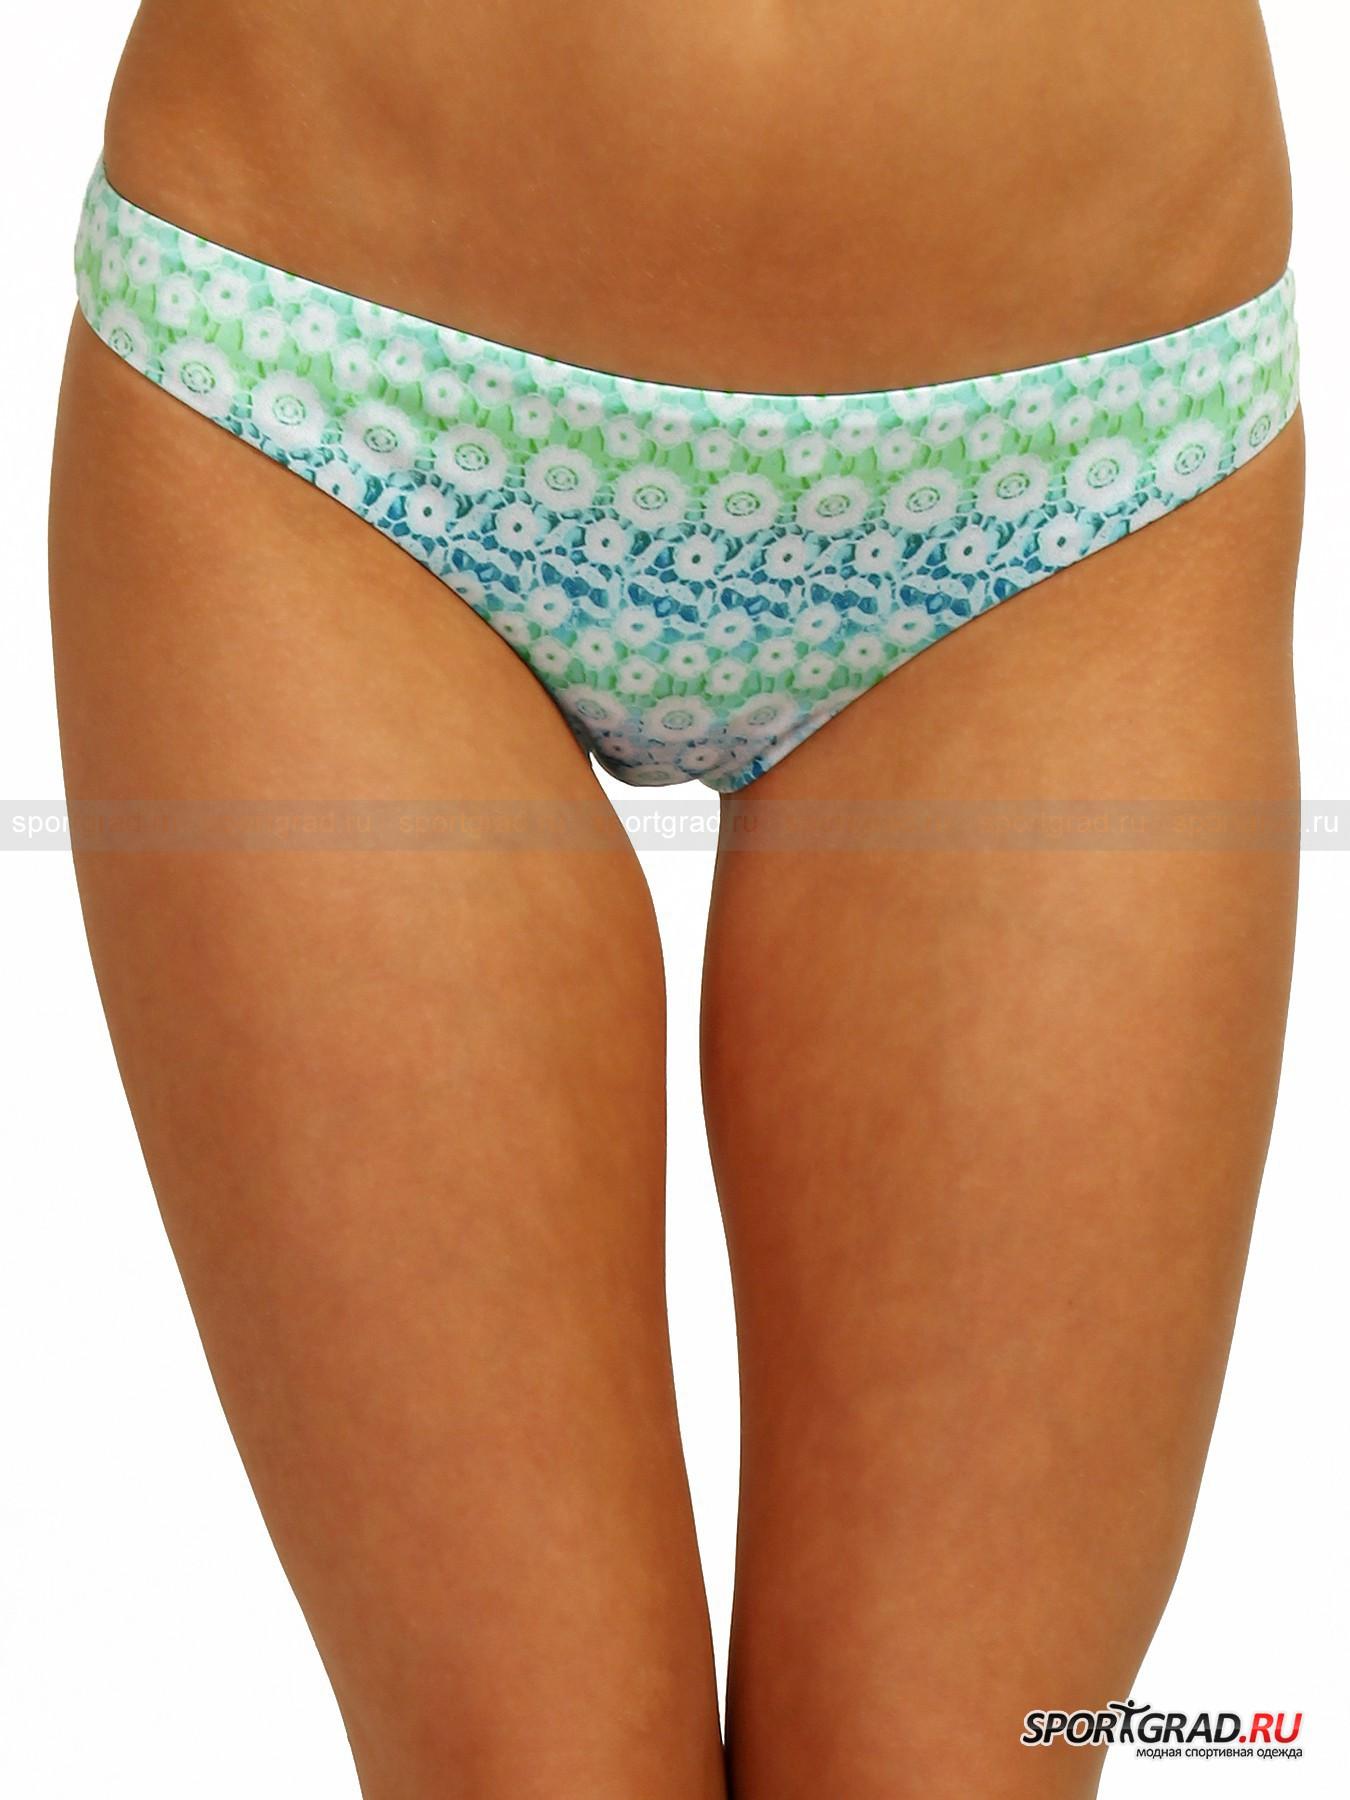 Плавки женские купальные Slip BLUGIRL на подкладке